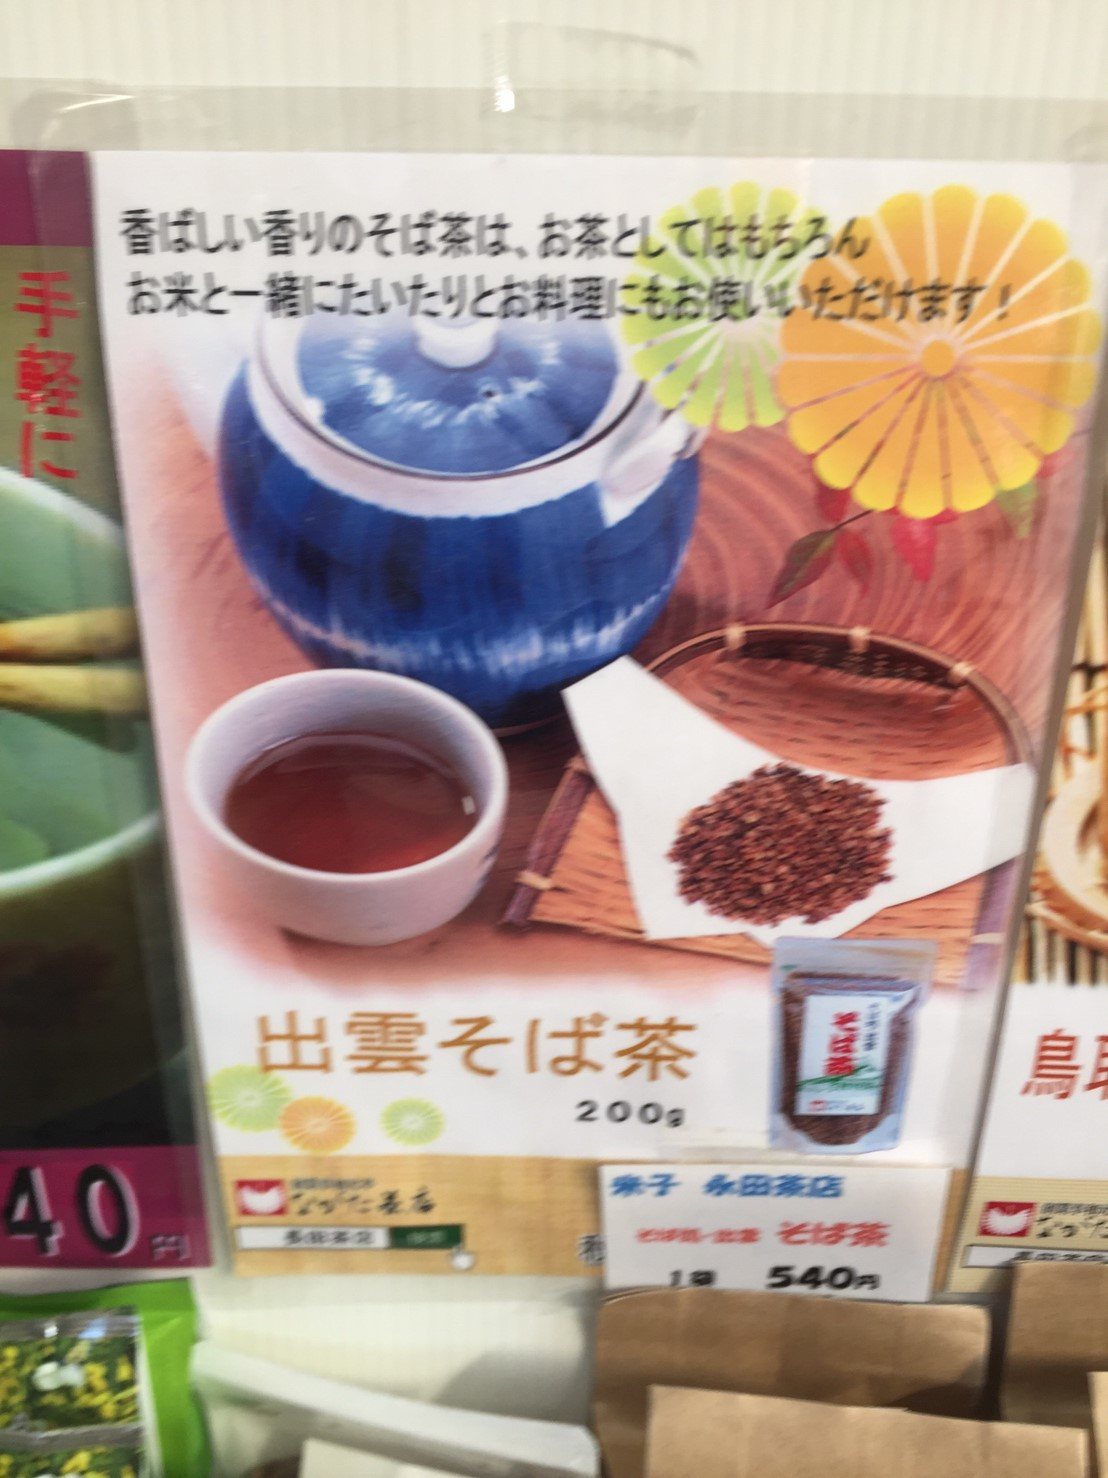 喫茶フォルダー 10_e0115904_15190172.jpg